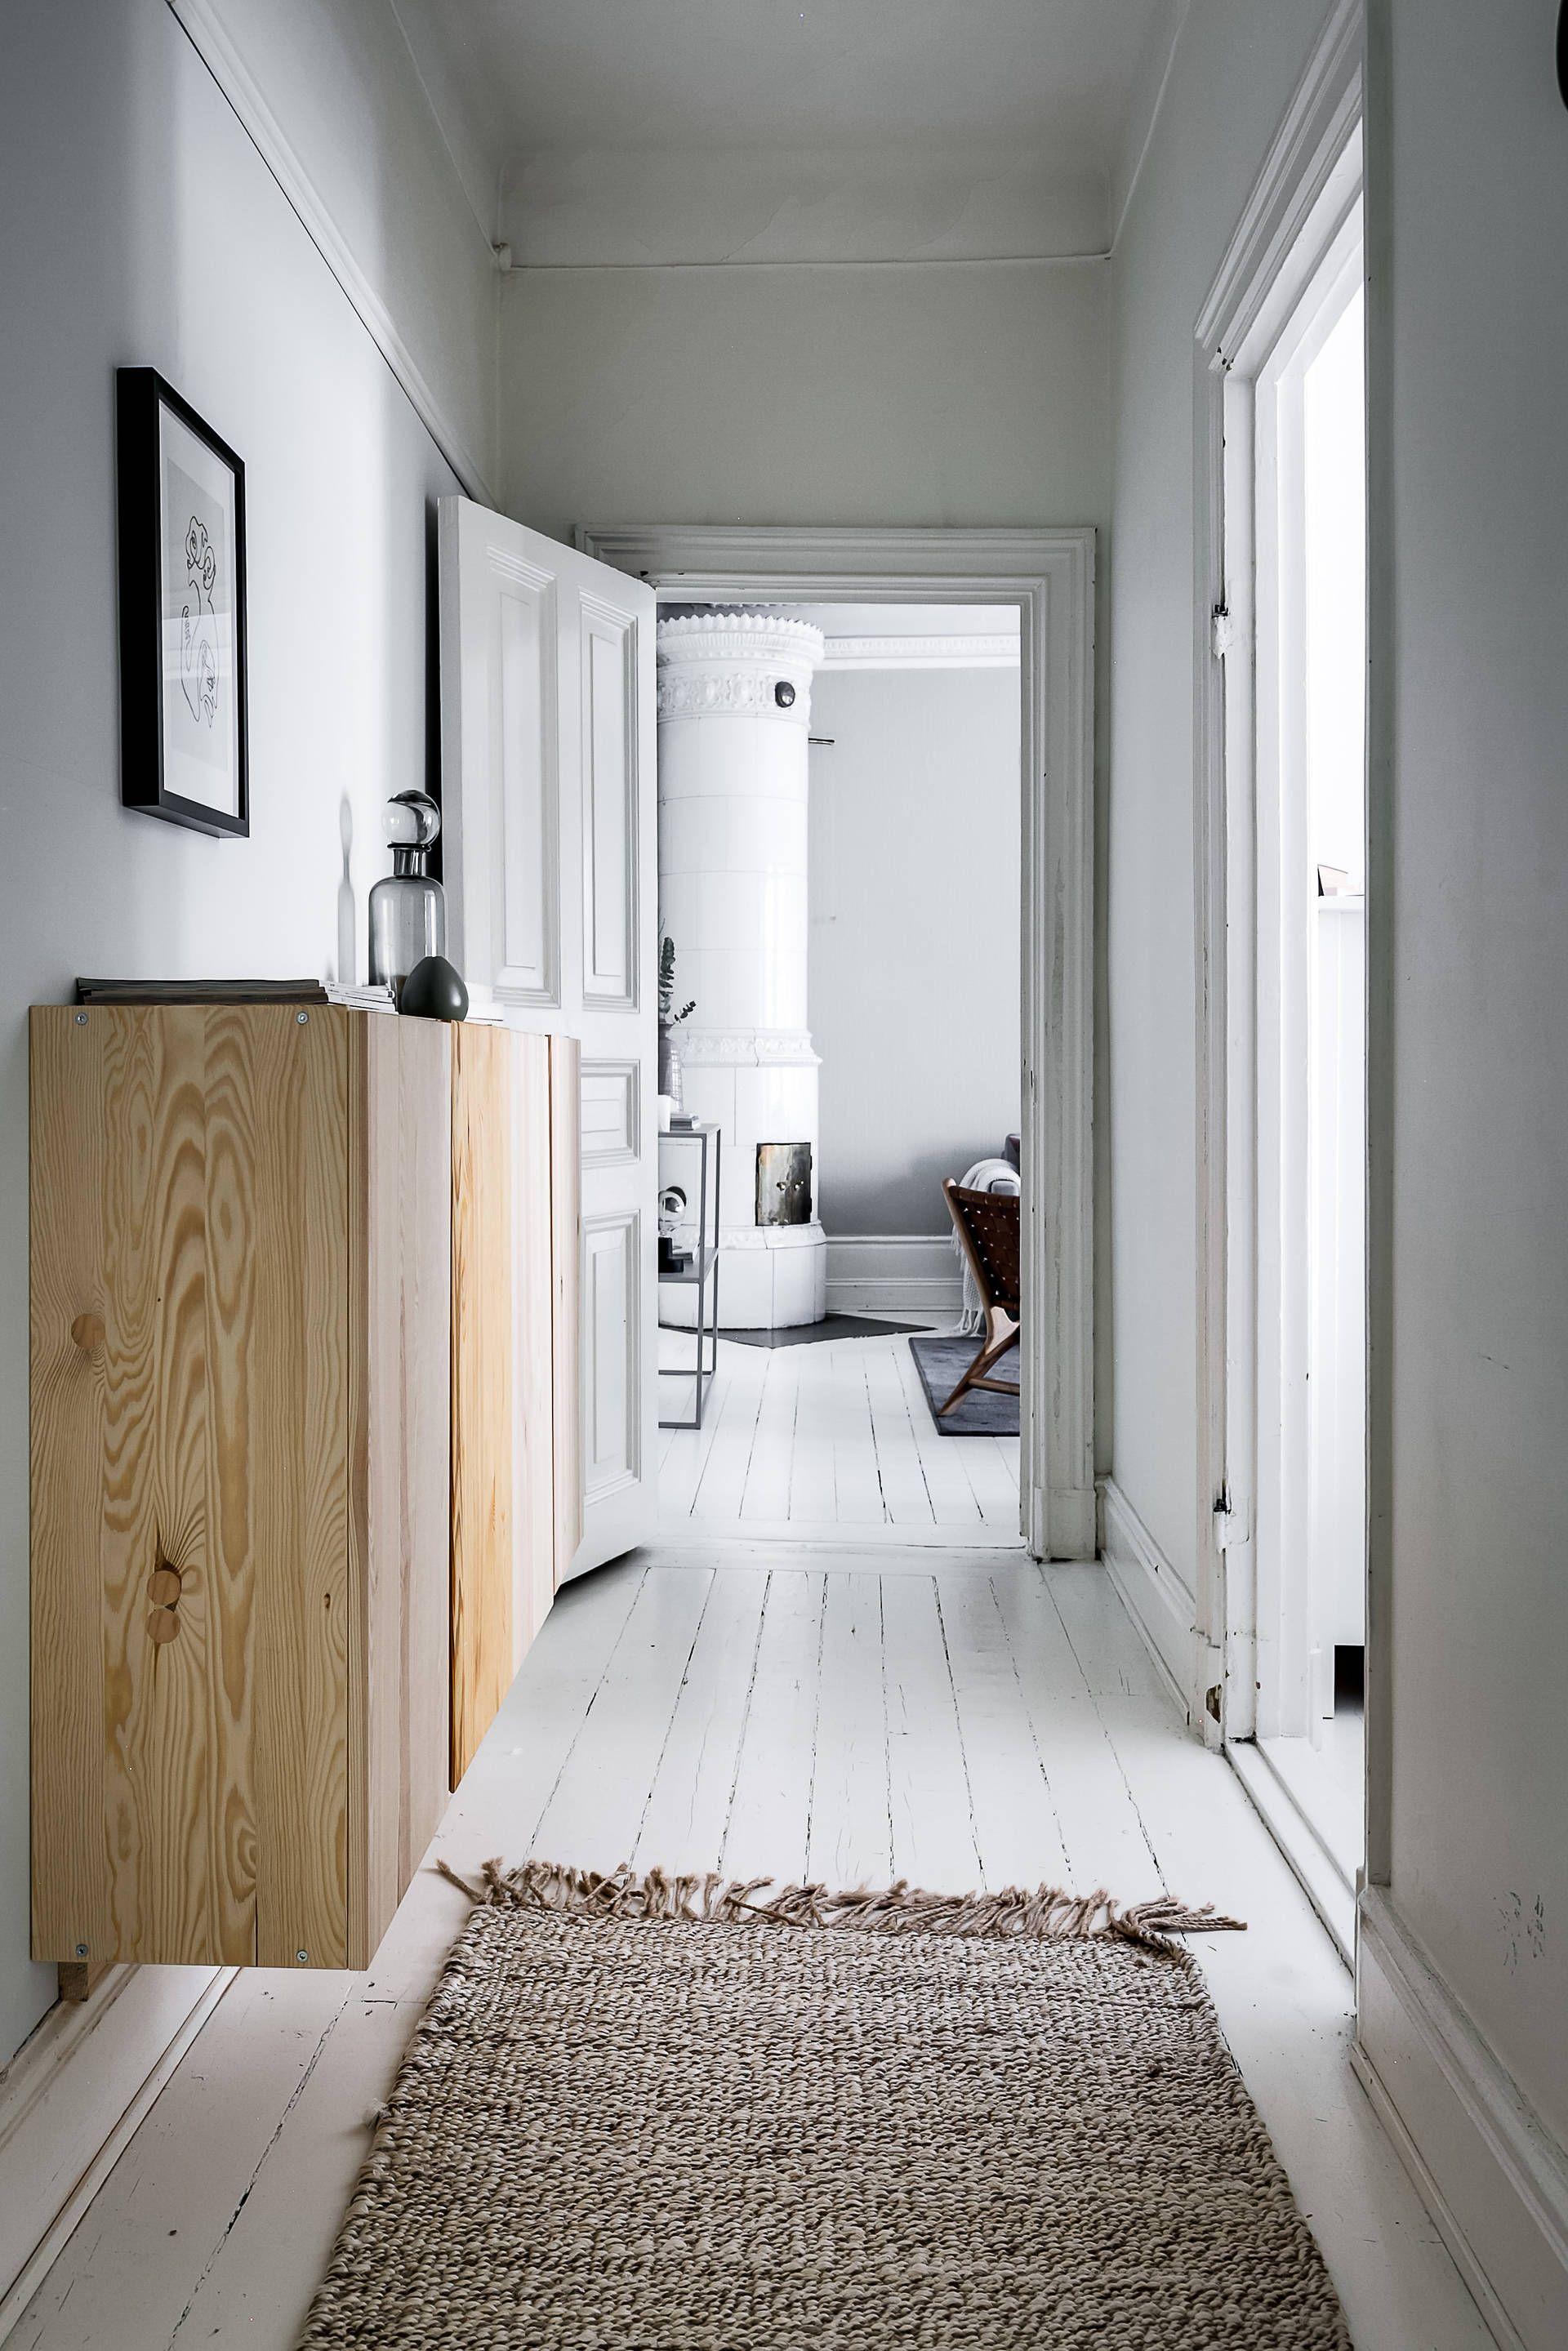 Ikea Ivar Cabinet Lagenhet Inredning Inredning Hem Inredning